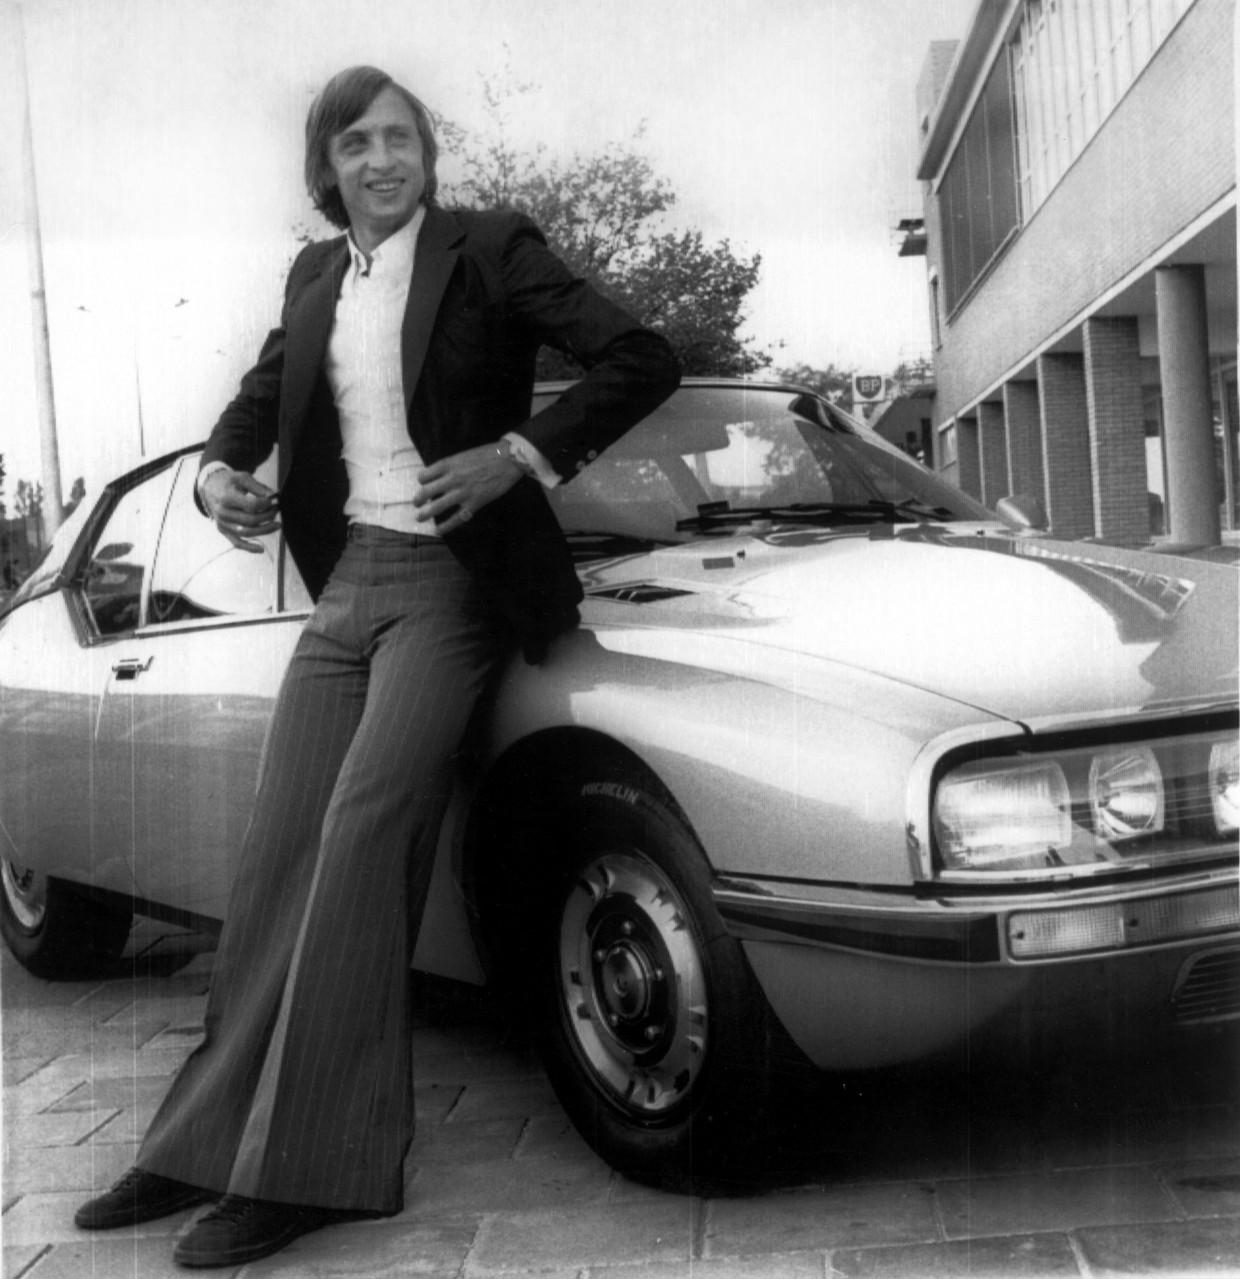 Johan Cruijff liet zich in de jaren zeventig regelmatig fotograferen met zijn Citroën SM.